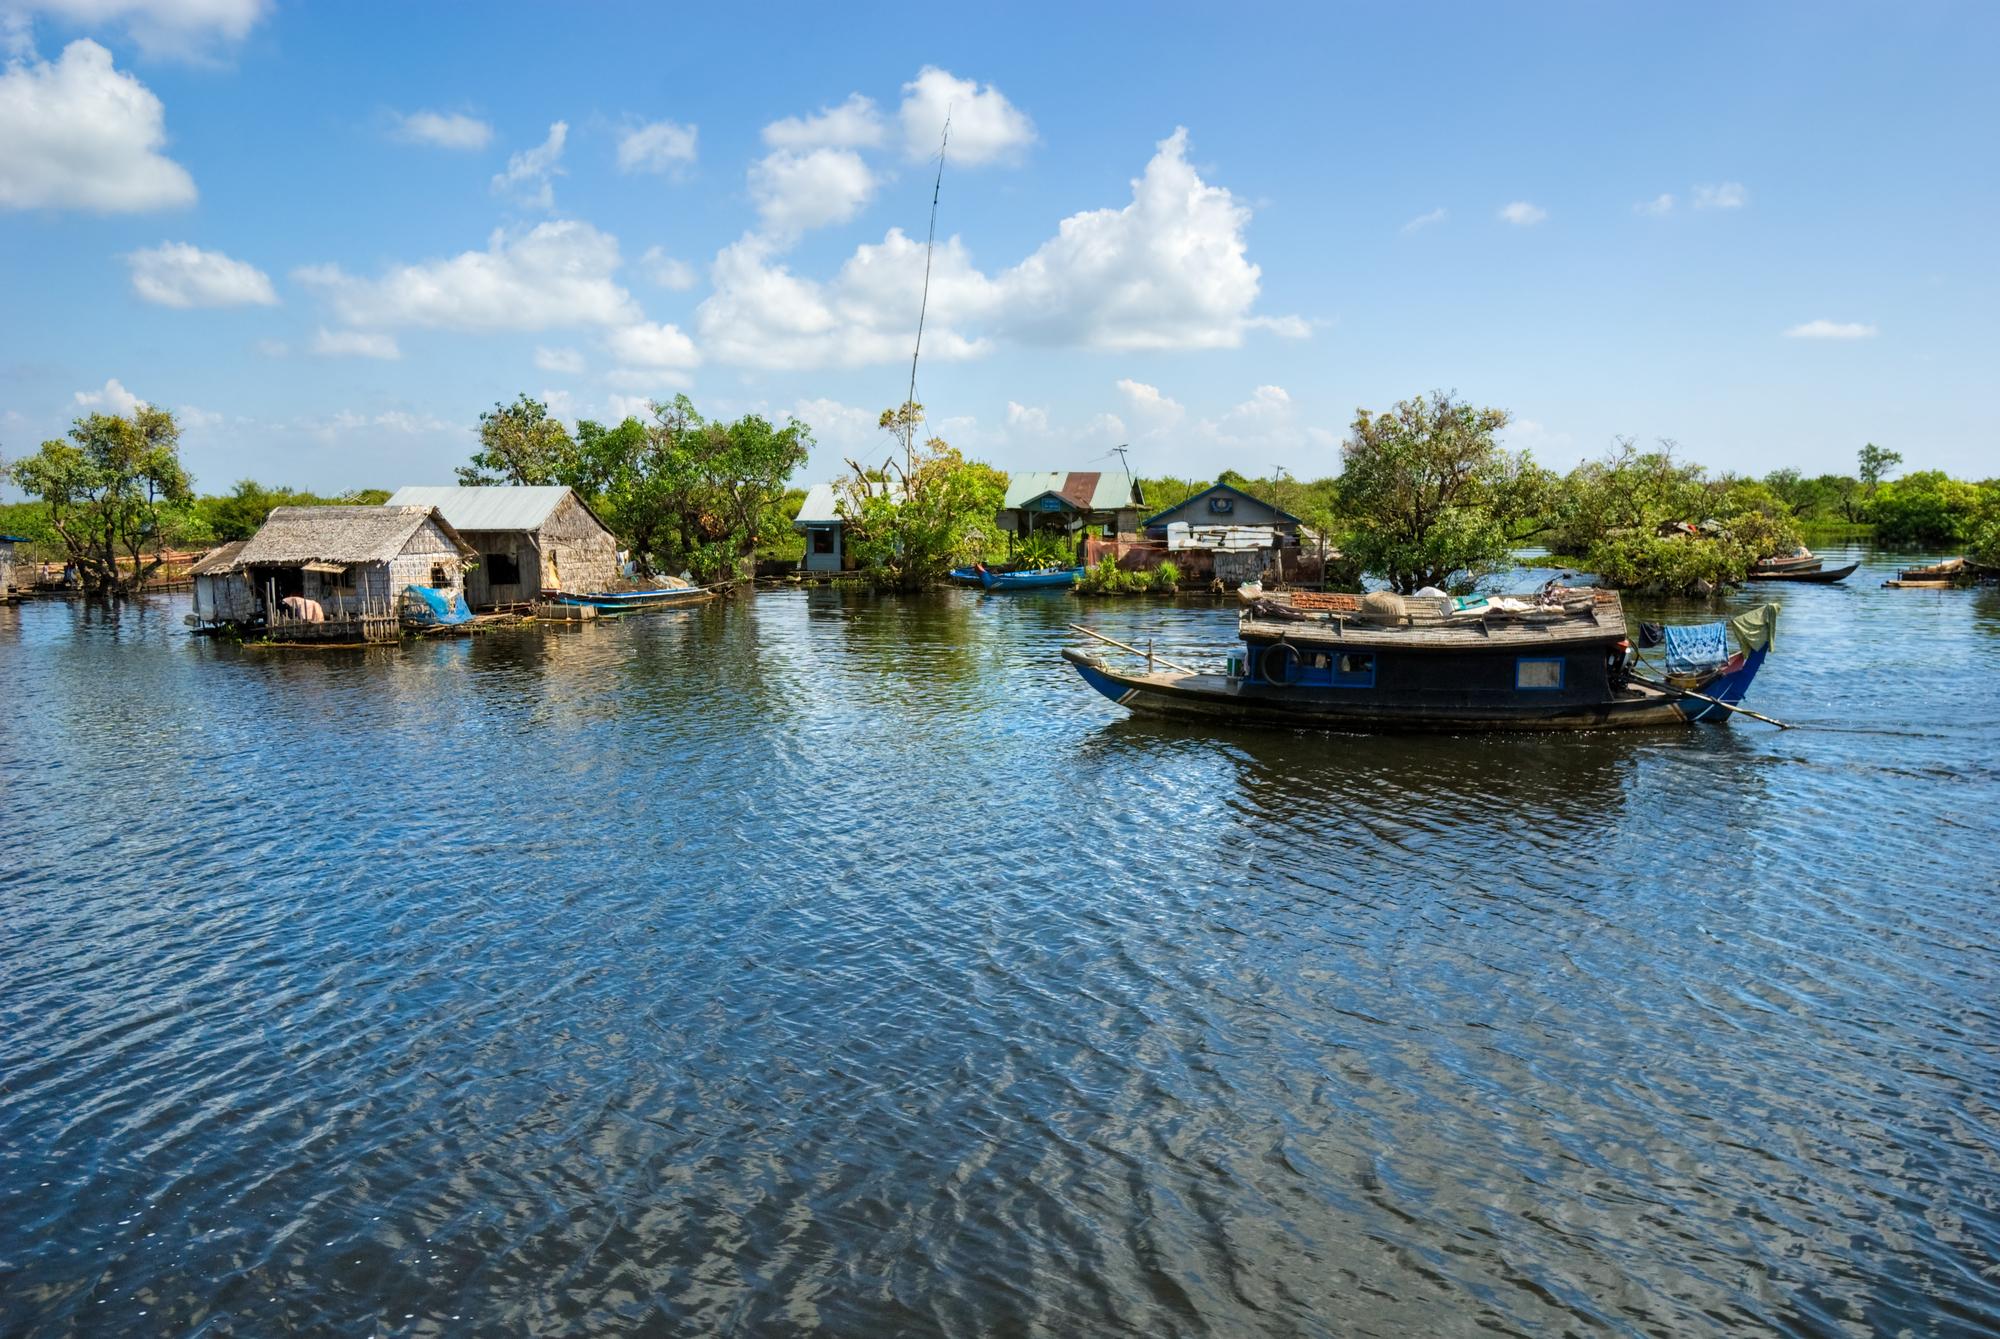 越南风景房子图片